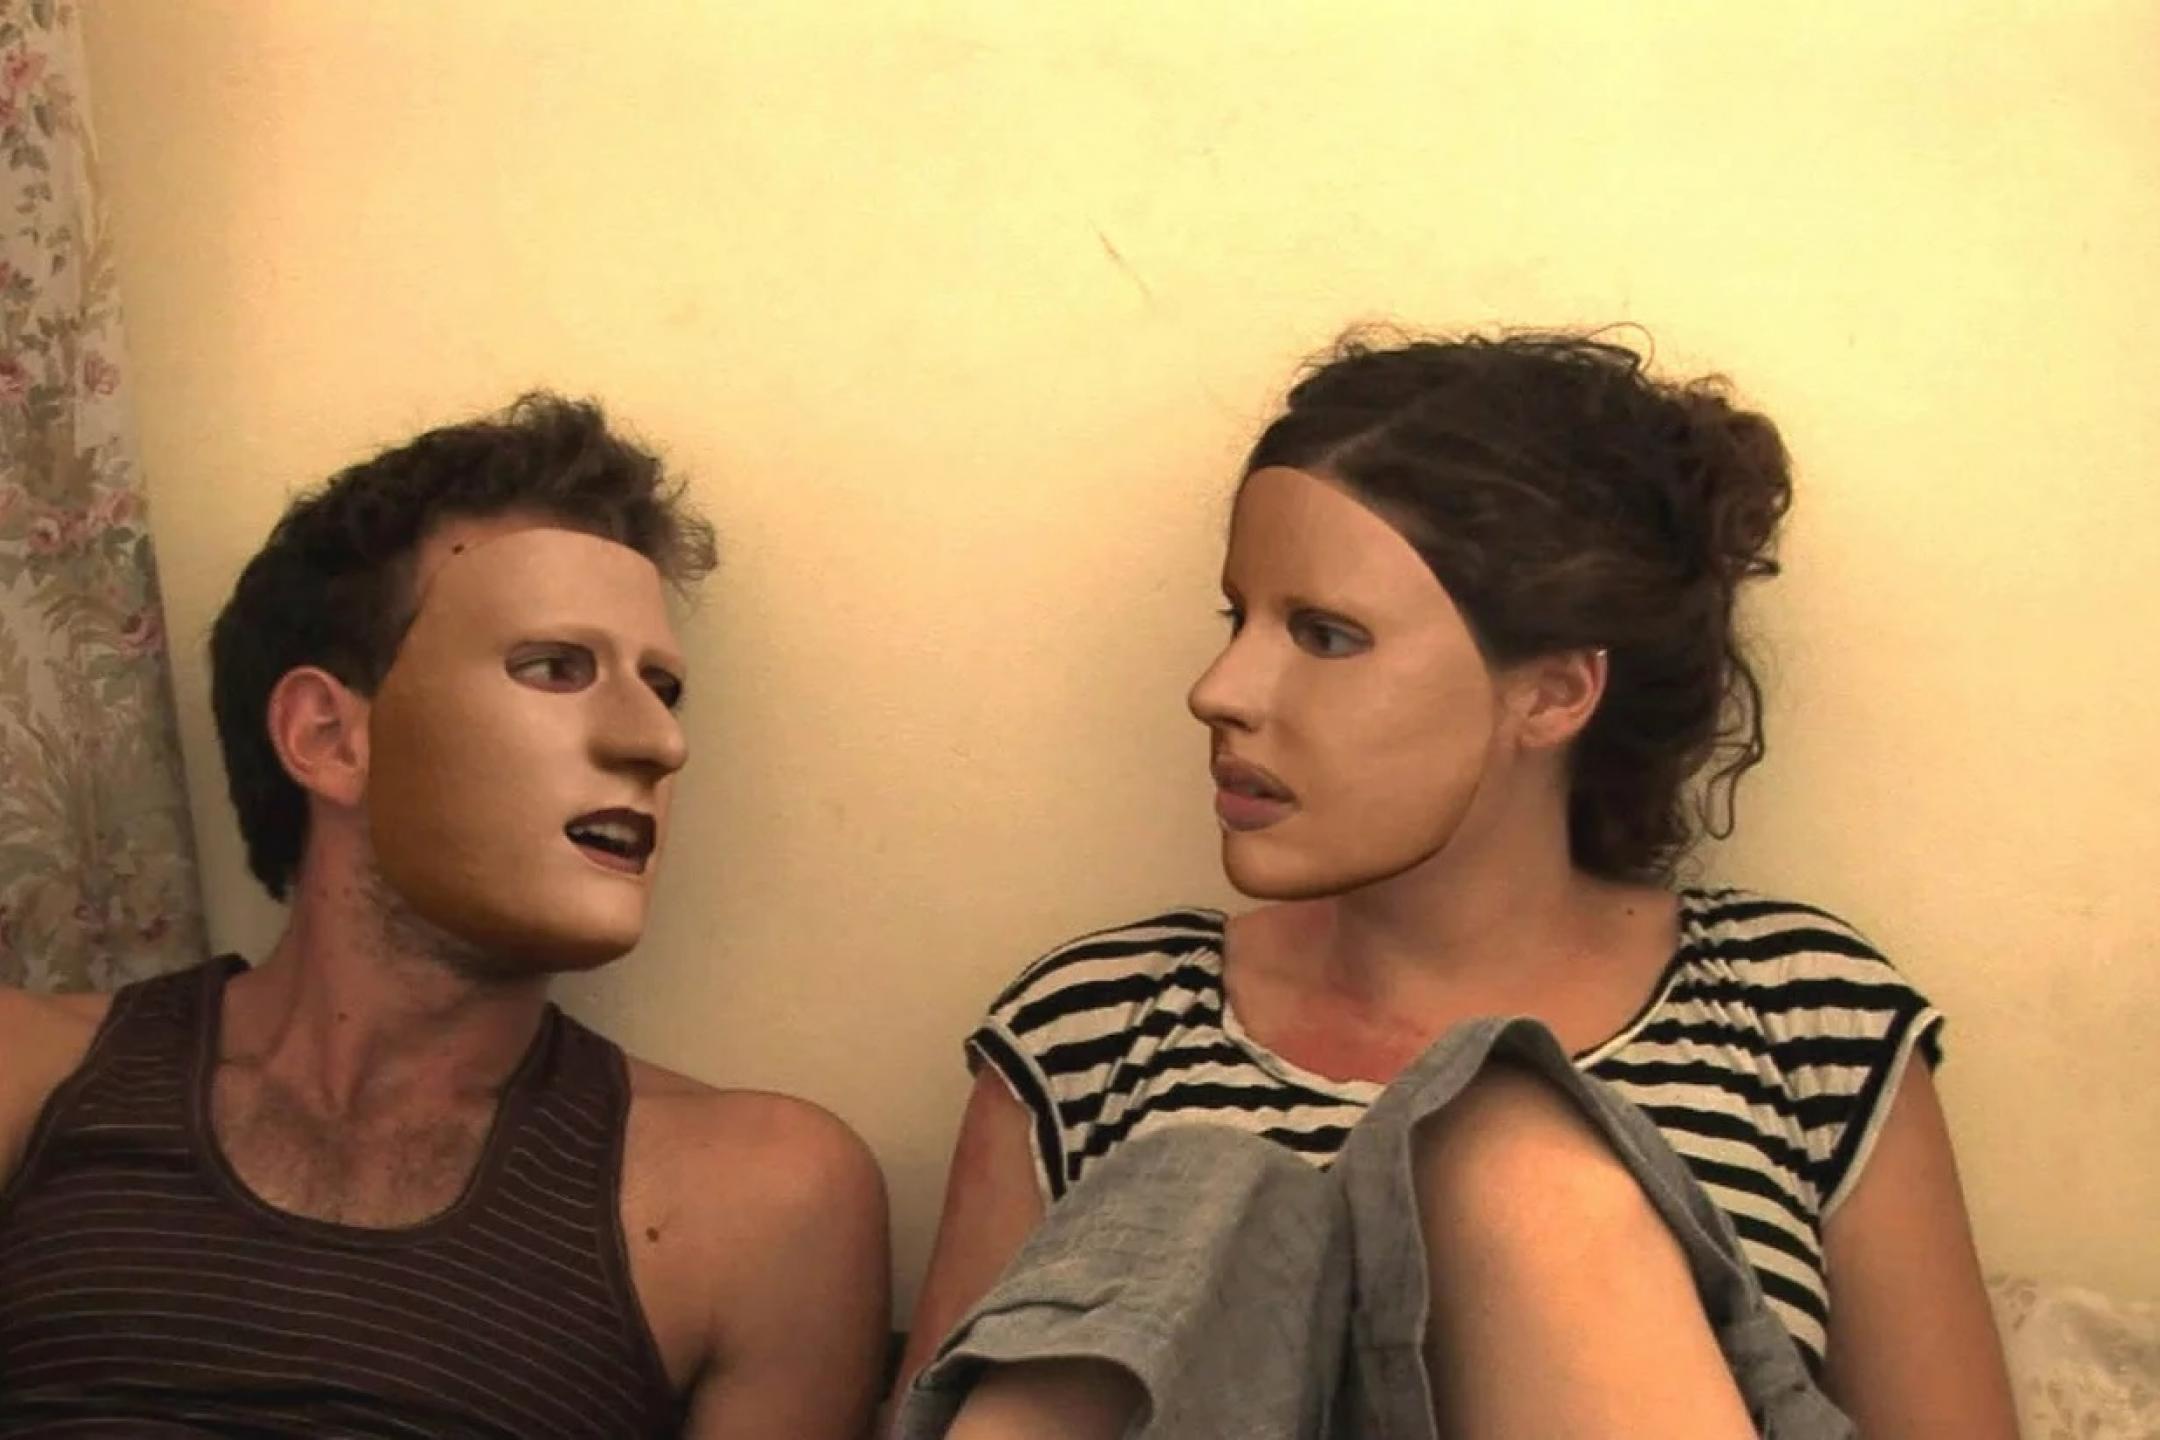 Filmszene aus Z32: Ein Mann und eine Frau sitzen nebeneinander an eine weiße Wand gelegt. Ihre Köpfe sind einander zugewandt. Beide tragen Masken, die ihr ganzes Gesicht überdecken.